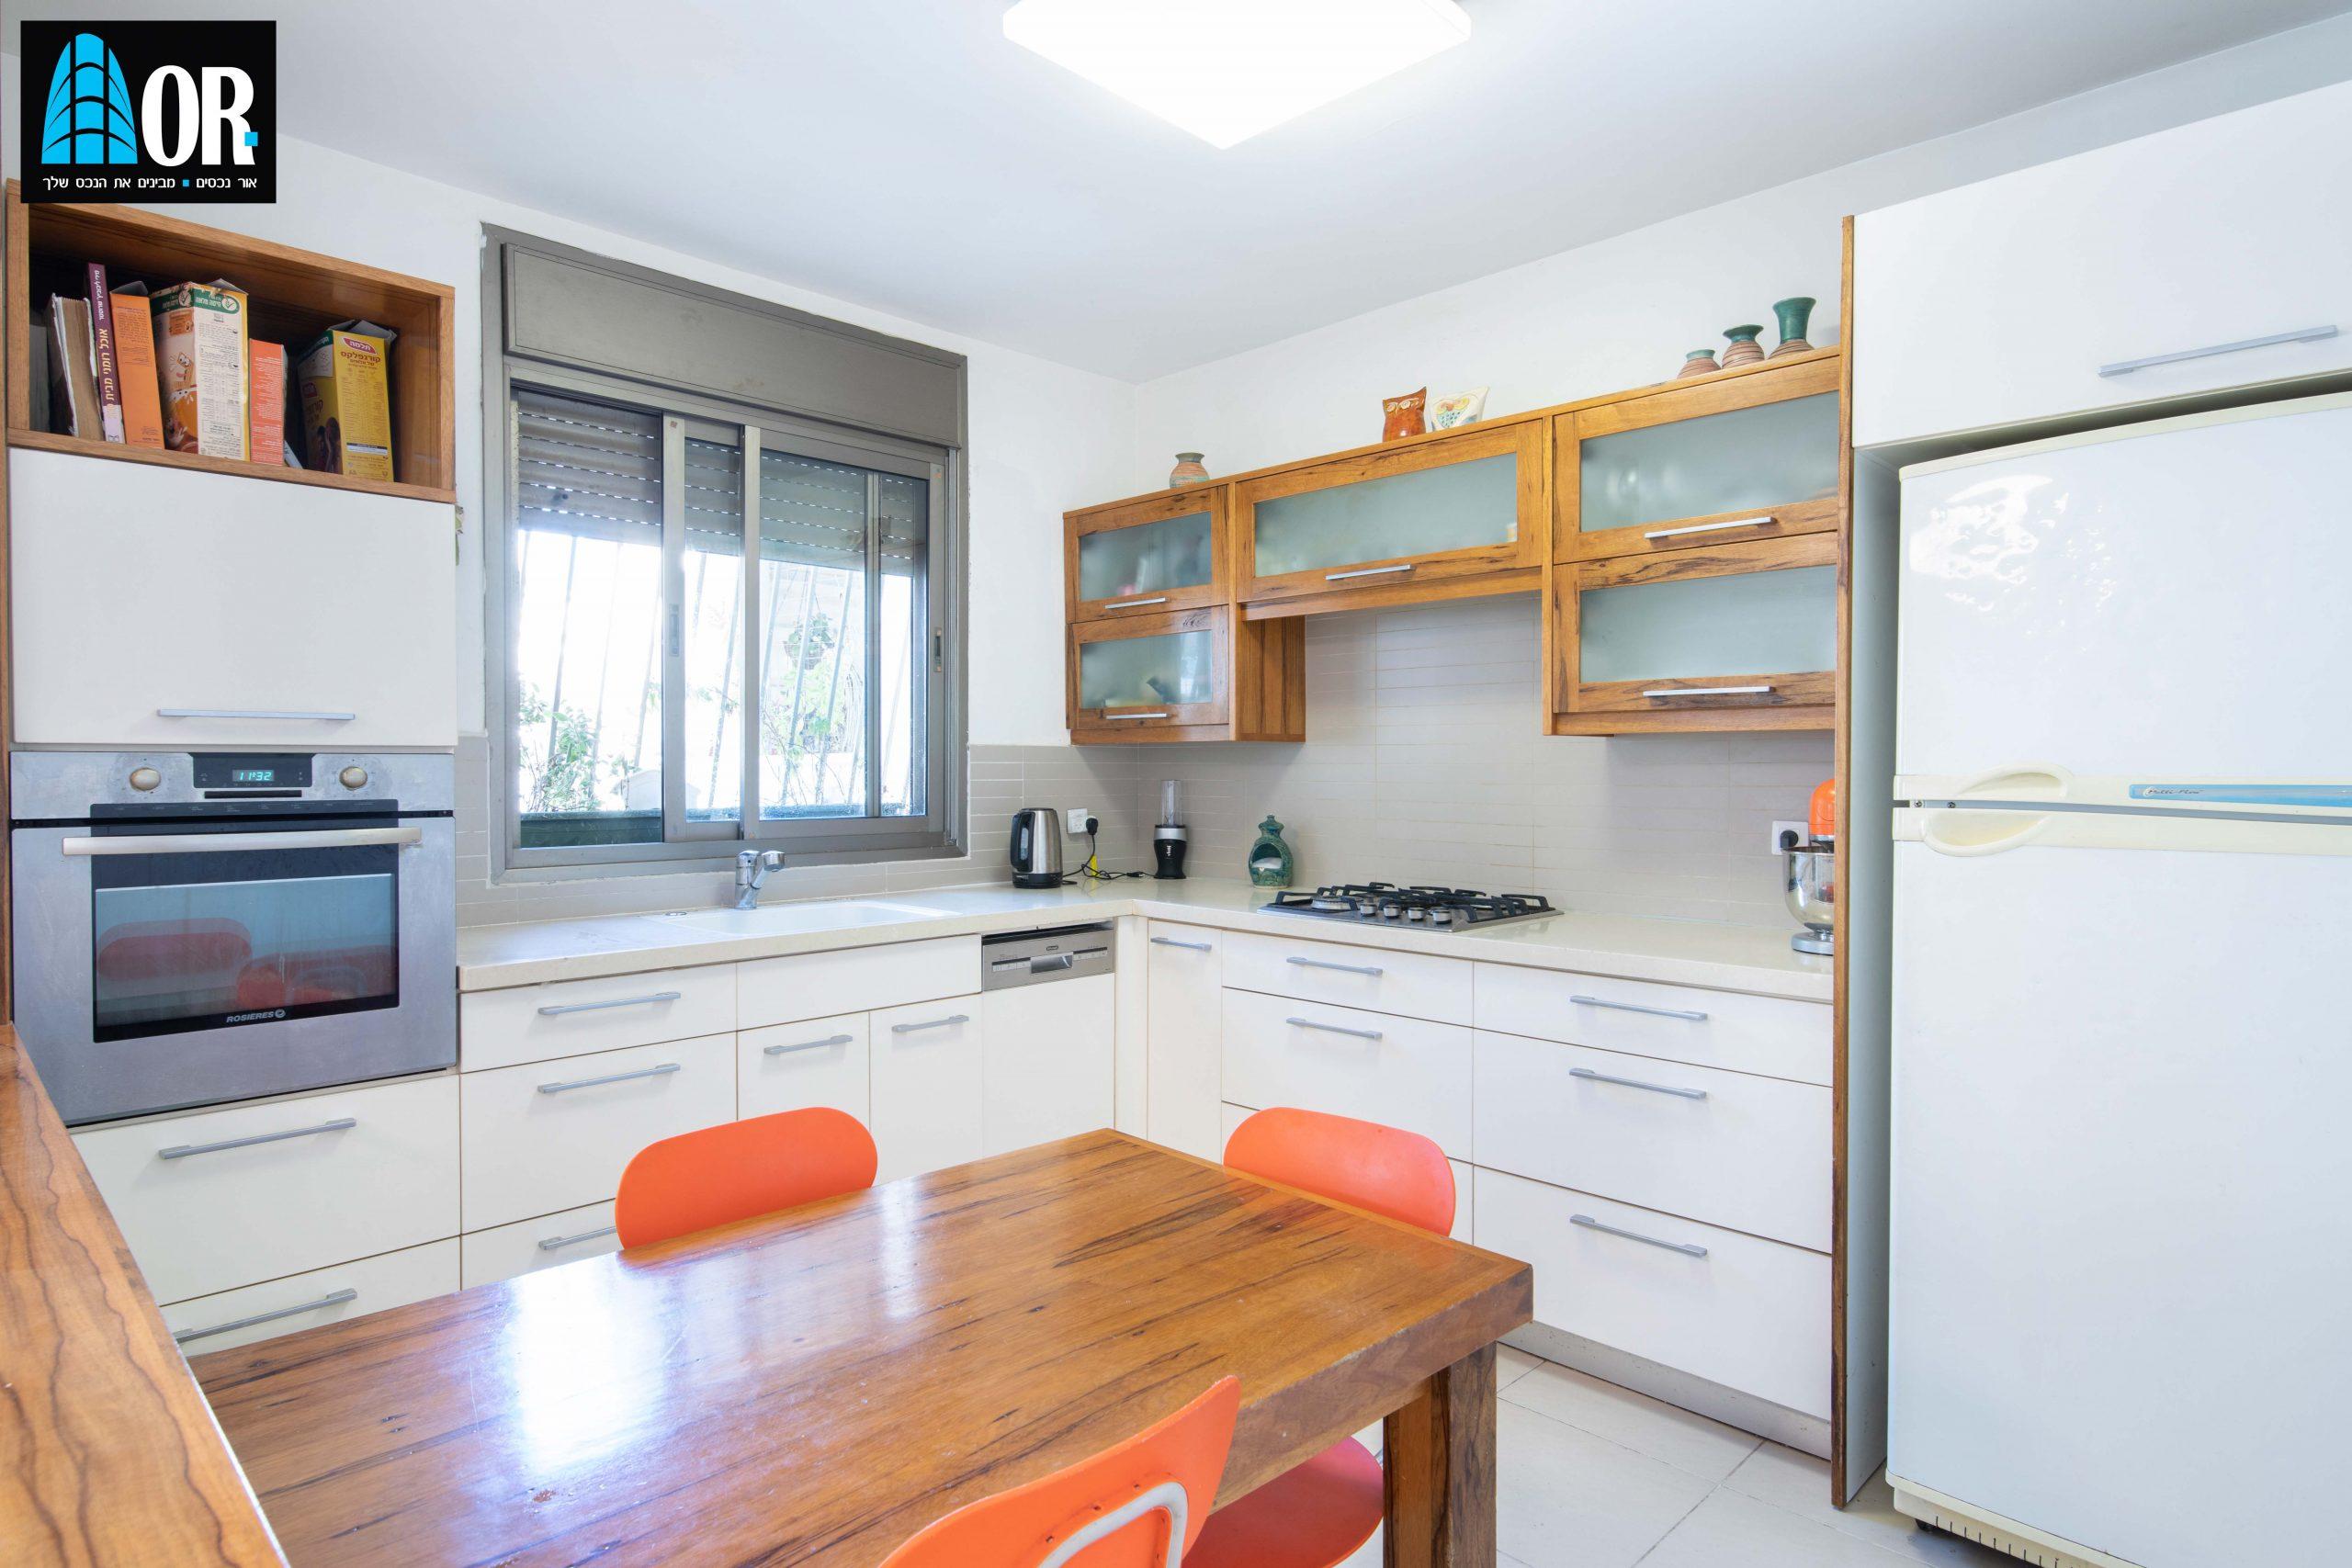 מטבח דירה 4 חדרים שכונה פארק המושבה